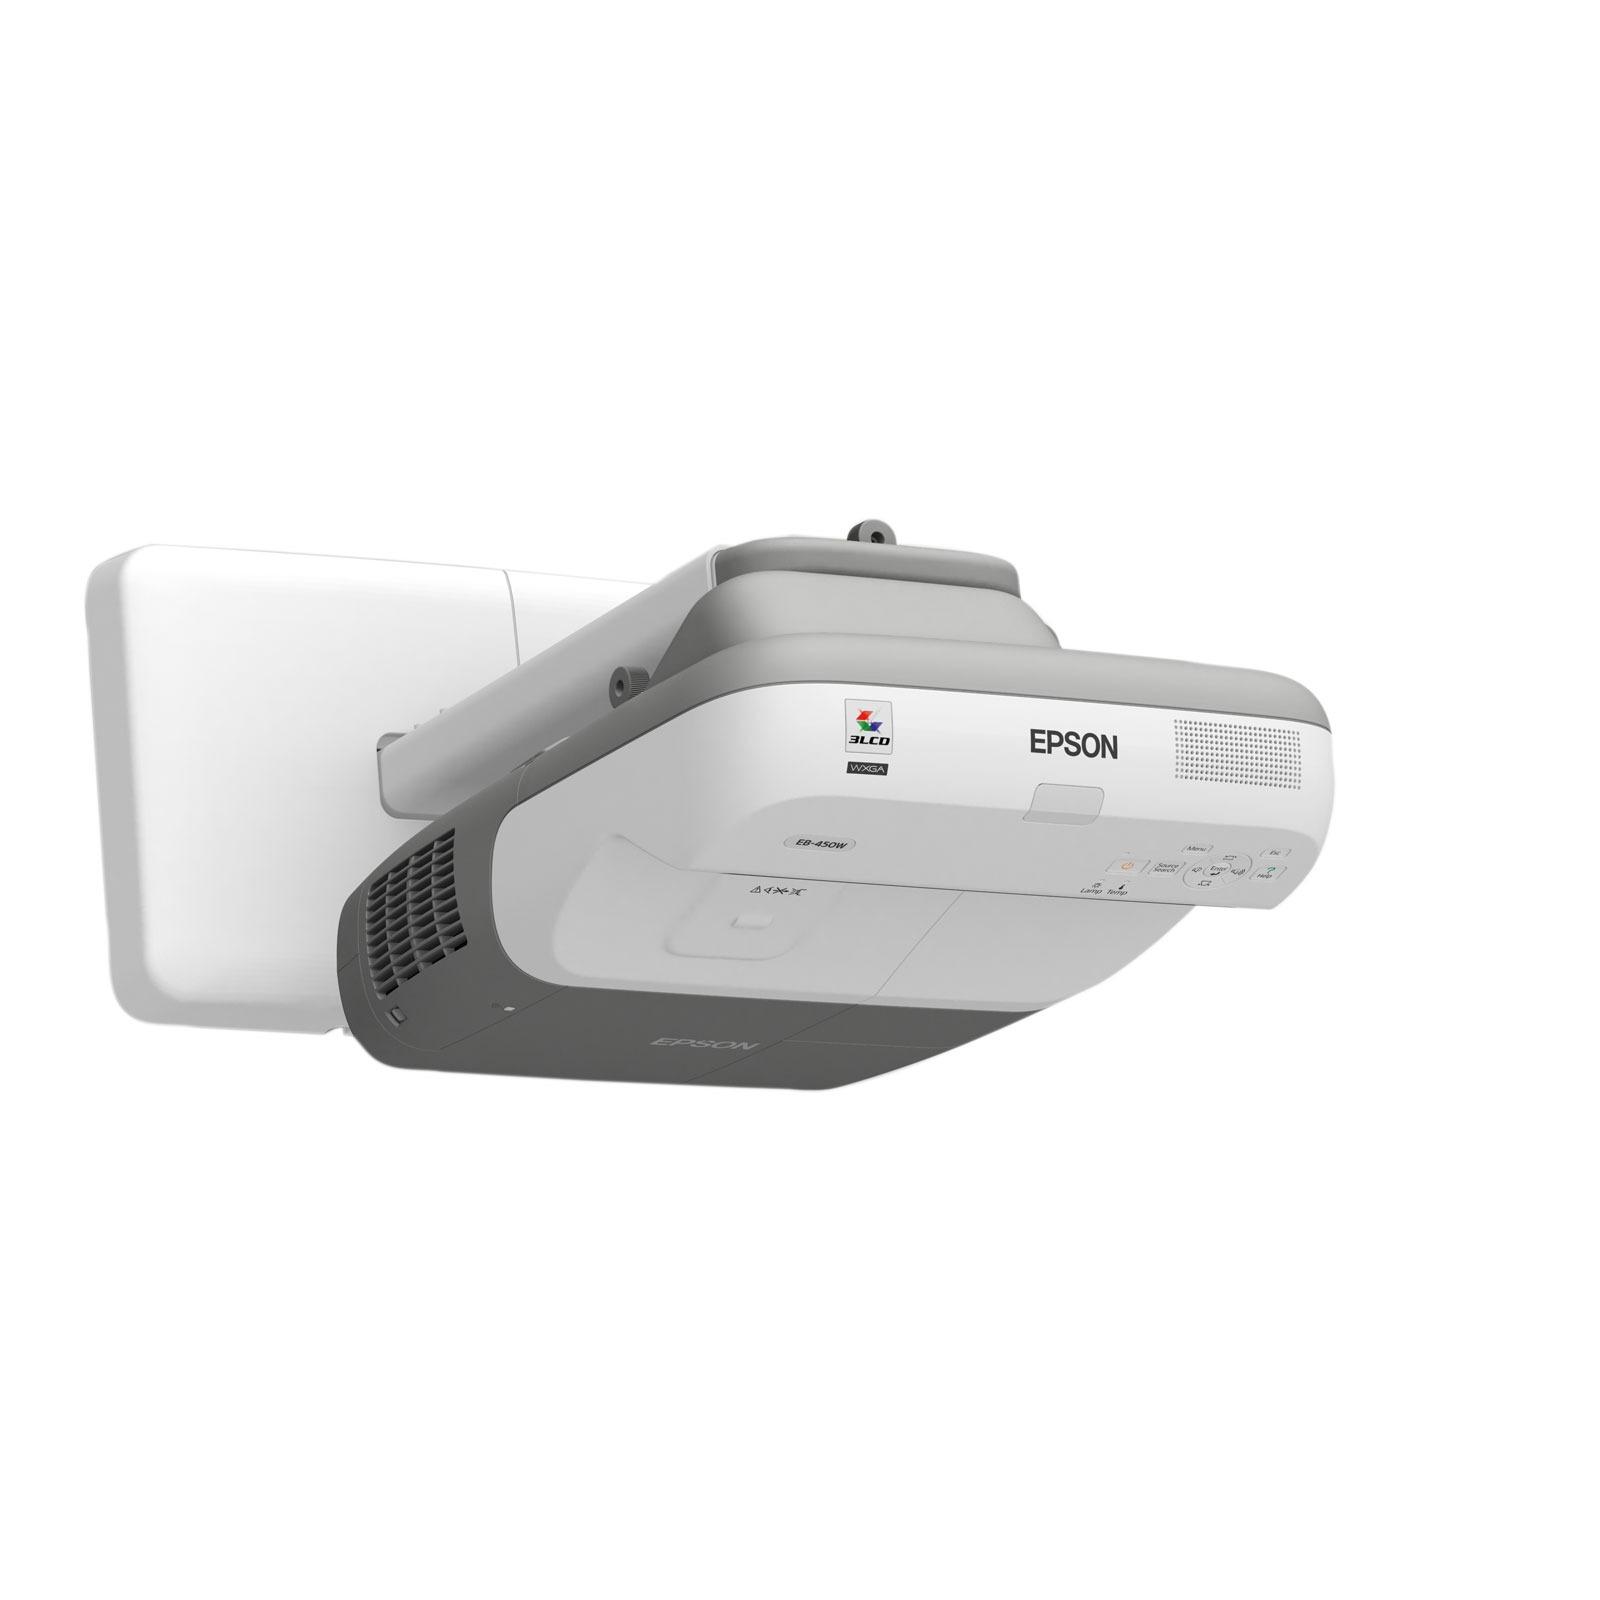 Vidéoprojecteur Epson EB-460i Epson EB-460i - Vidéoprojecteur LCD XGA 3000 Lumens à focal ultra-courte (garantie constructeur 3 ans retour atelier/lampe 1 an)